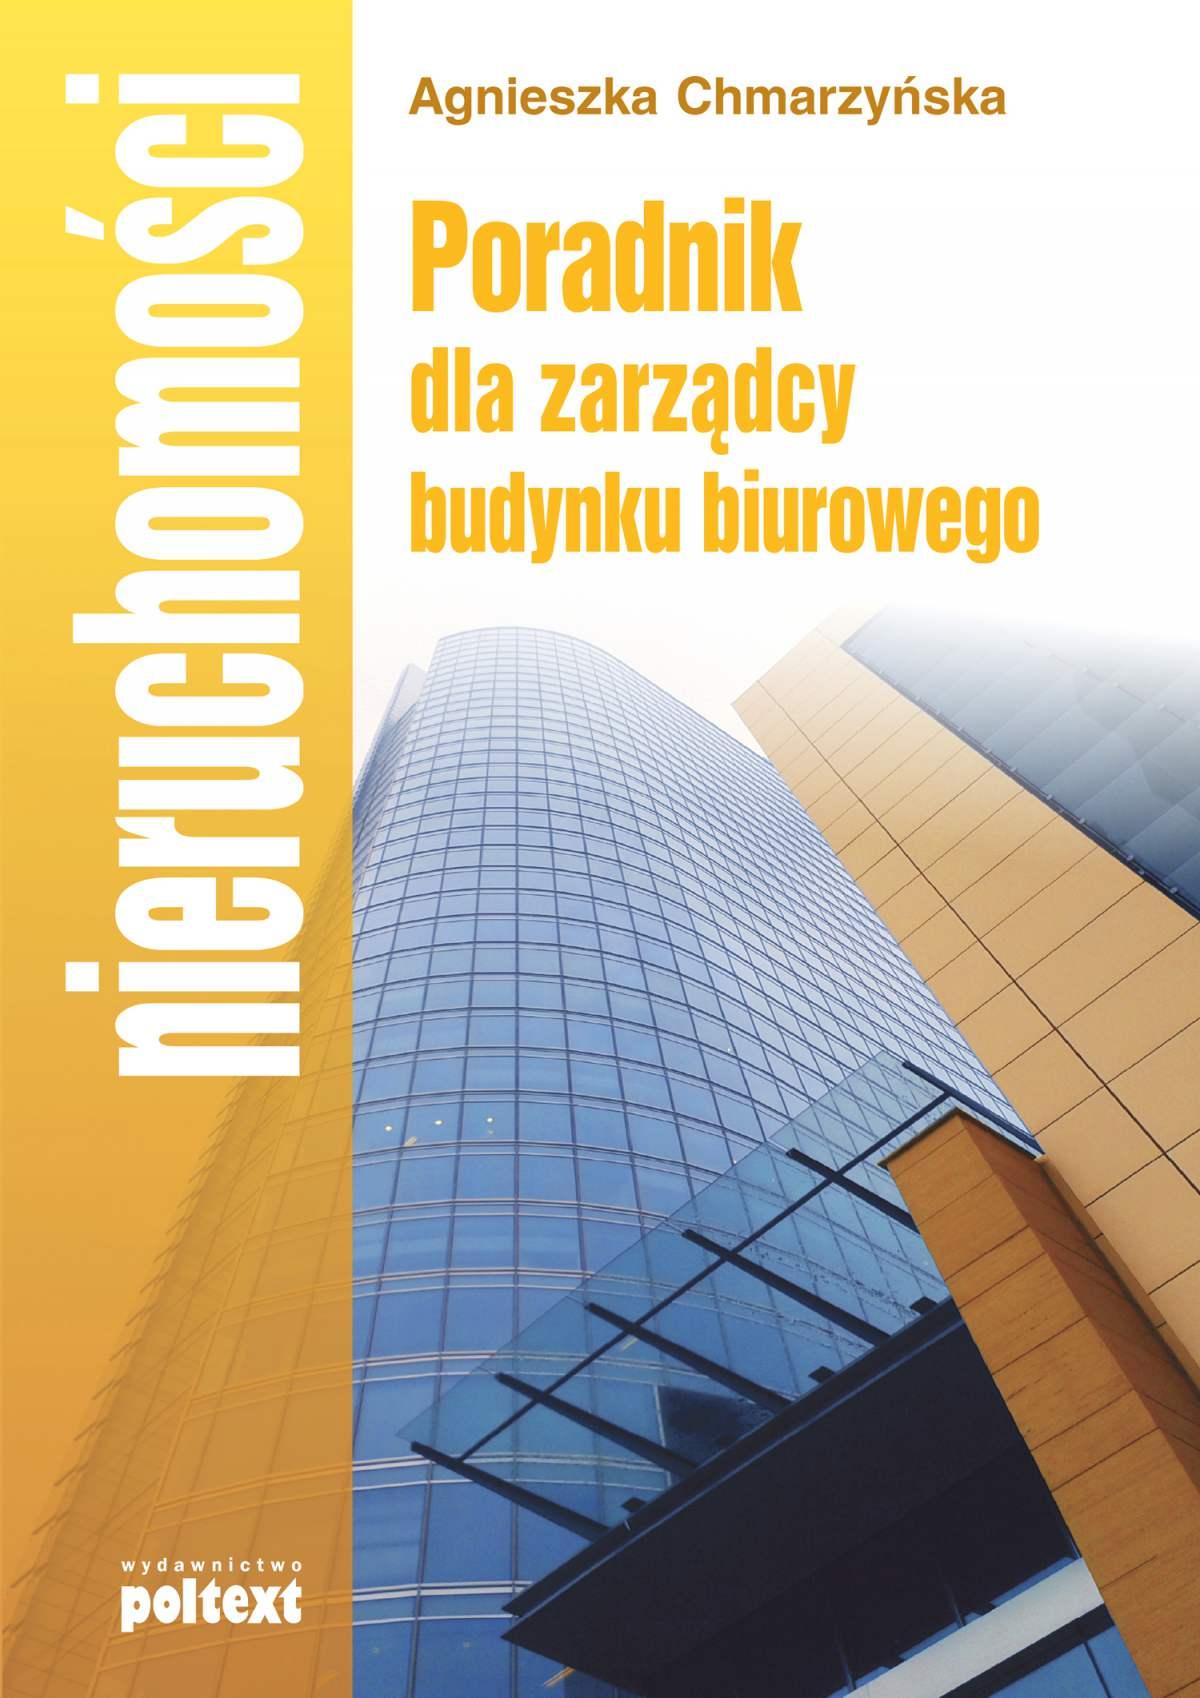 Poradnik dla zarządcy budynku biurowego - Ebook (Książka EPUB) do pobrania w formacie EPUB